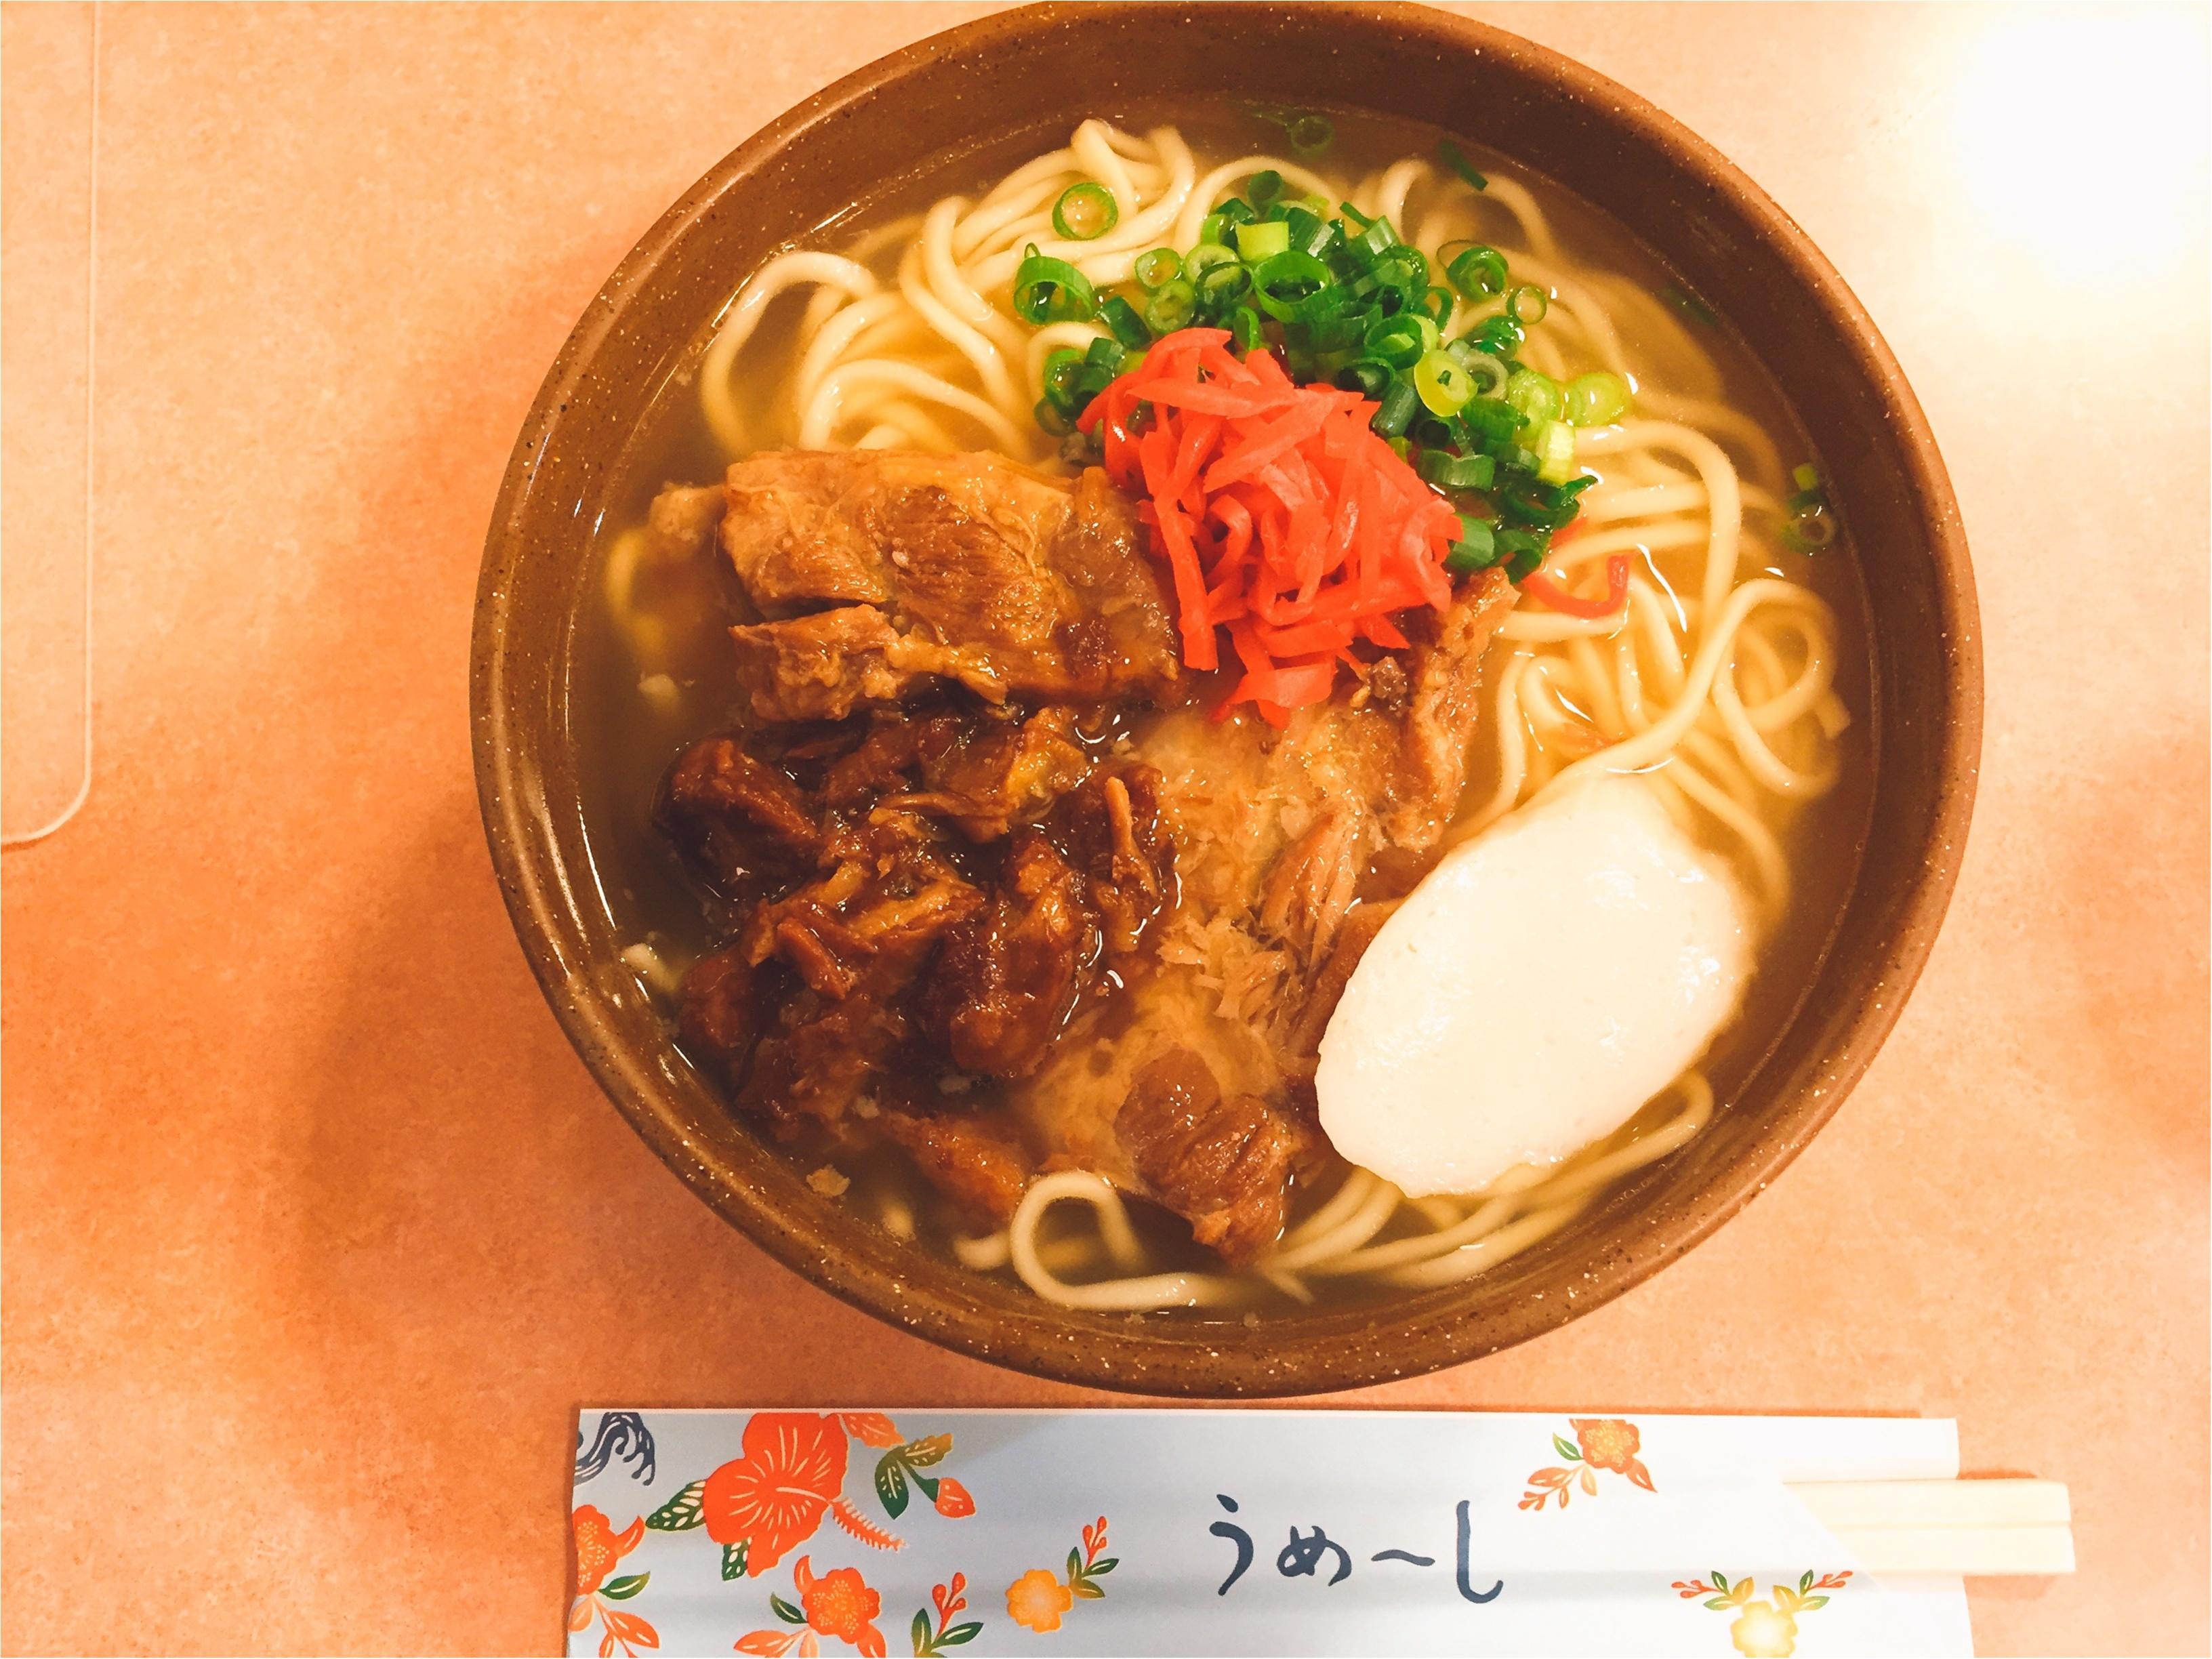 《沖縄旅行》沖縄に行ったら絶対に食べたい!絶品沖縄グルメ!!_2